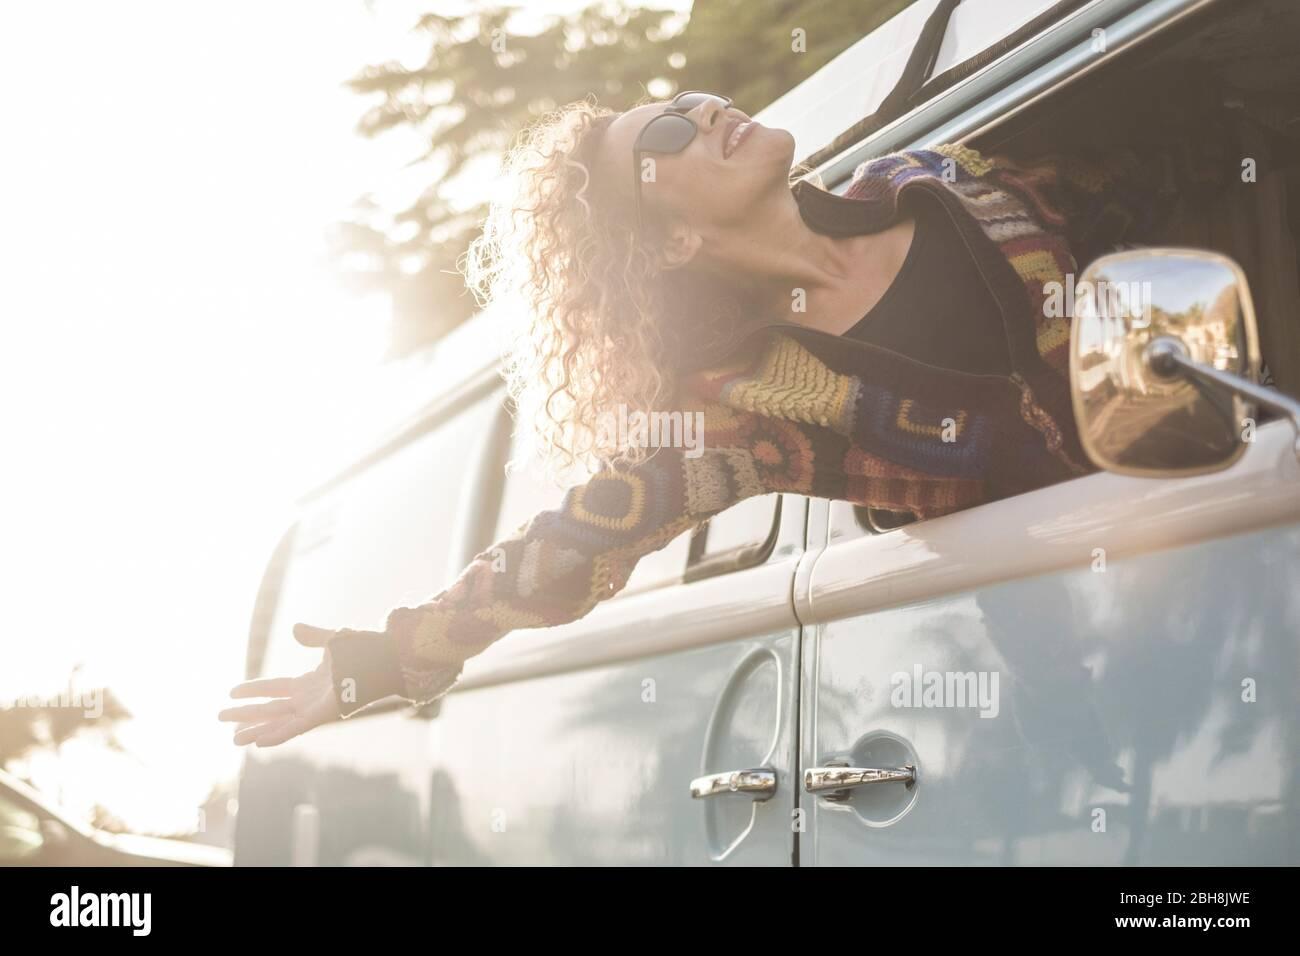 Felicidad y libertad concepto de estilo de vida con hermosa niña joven caucásica mujer fuera del vehículo disfrutando del viento y sentir el aire libre - viaje y vacaciones concepto de transporte para la moda chica Foto de stock